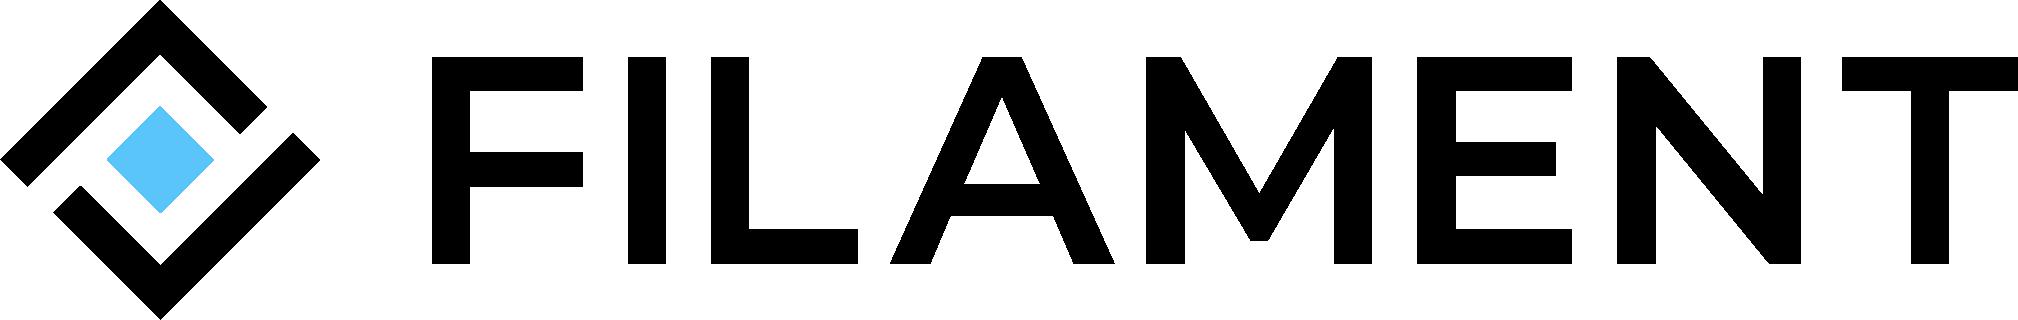 Filament_Horizontal_Color_Black.png